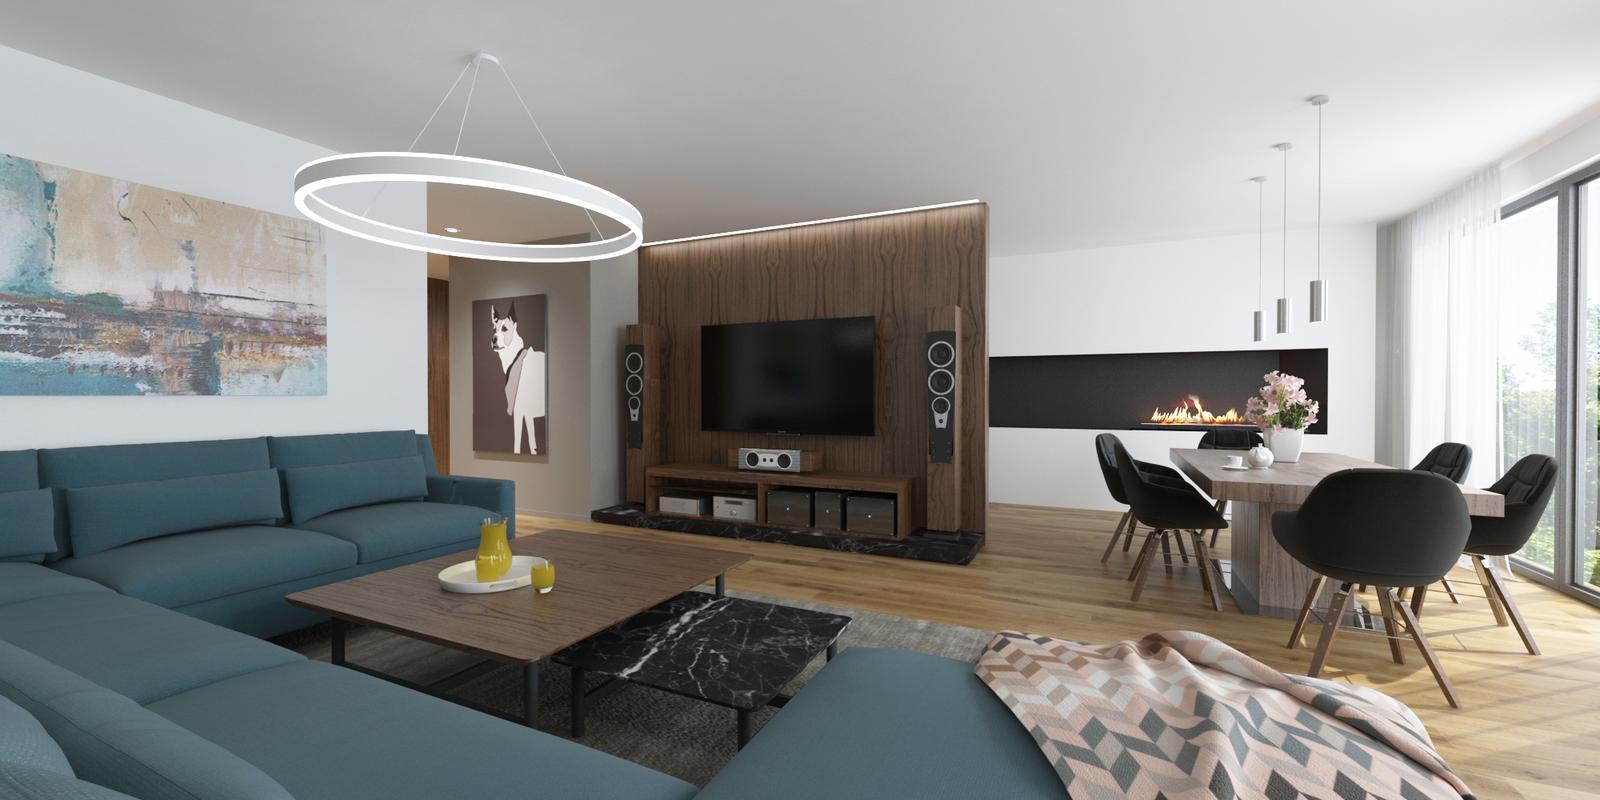 Návrh interiéru bytu - Interiér bytu v orechovom prevedení - obývacia izba s jedálňou